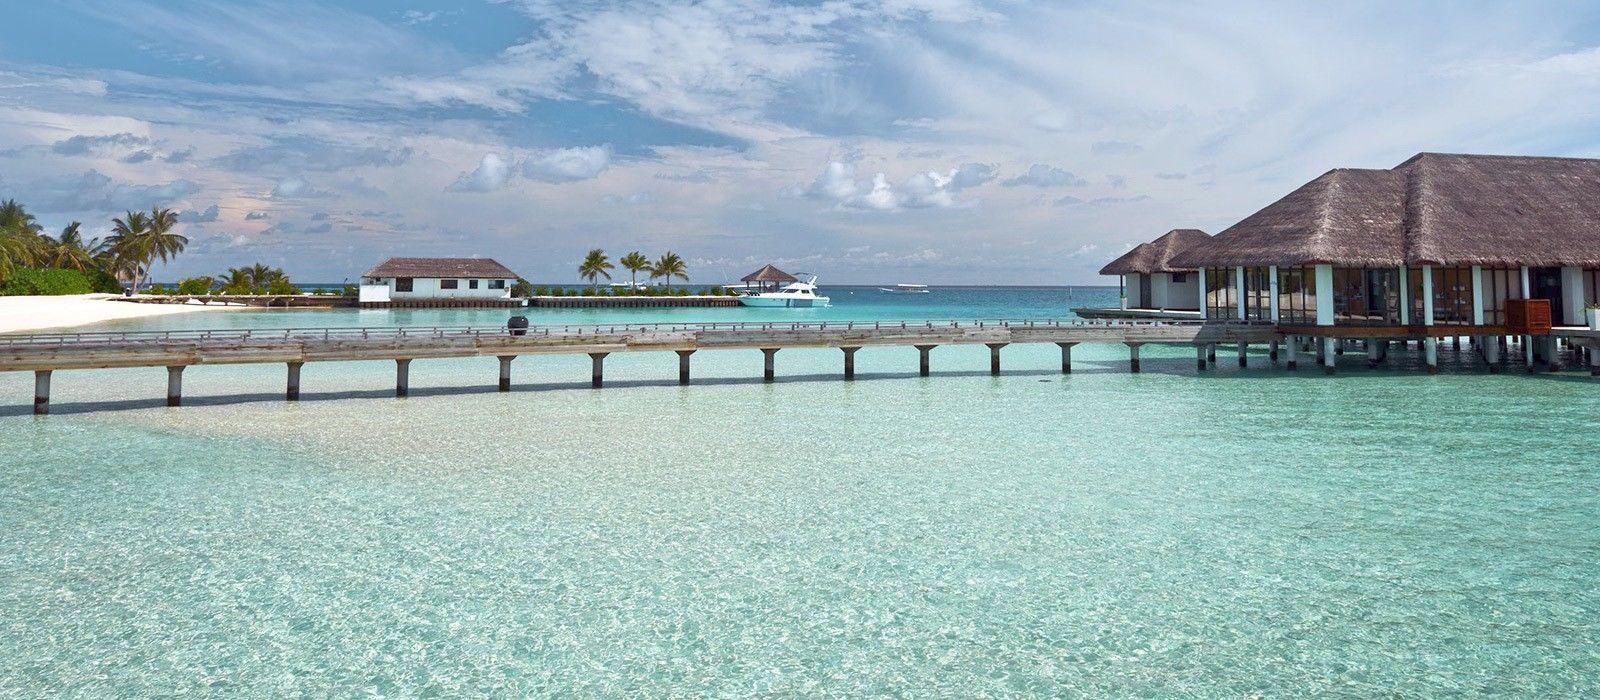 Reiseziel Male Malediven